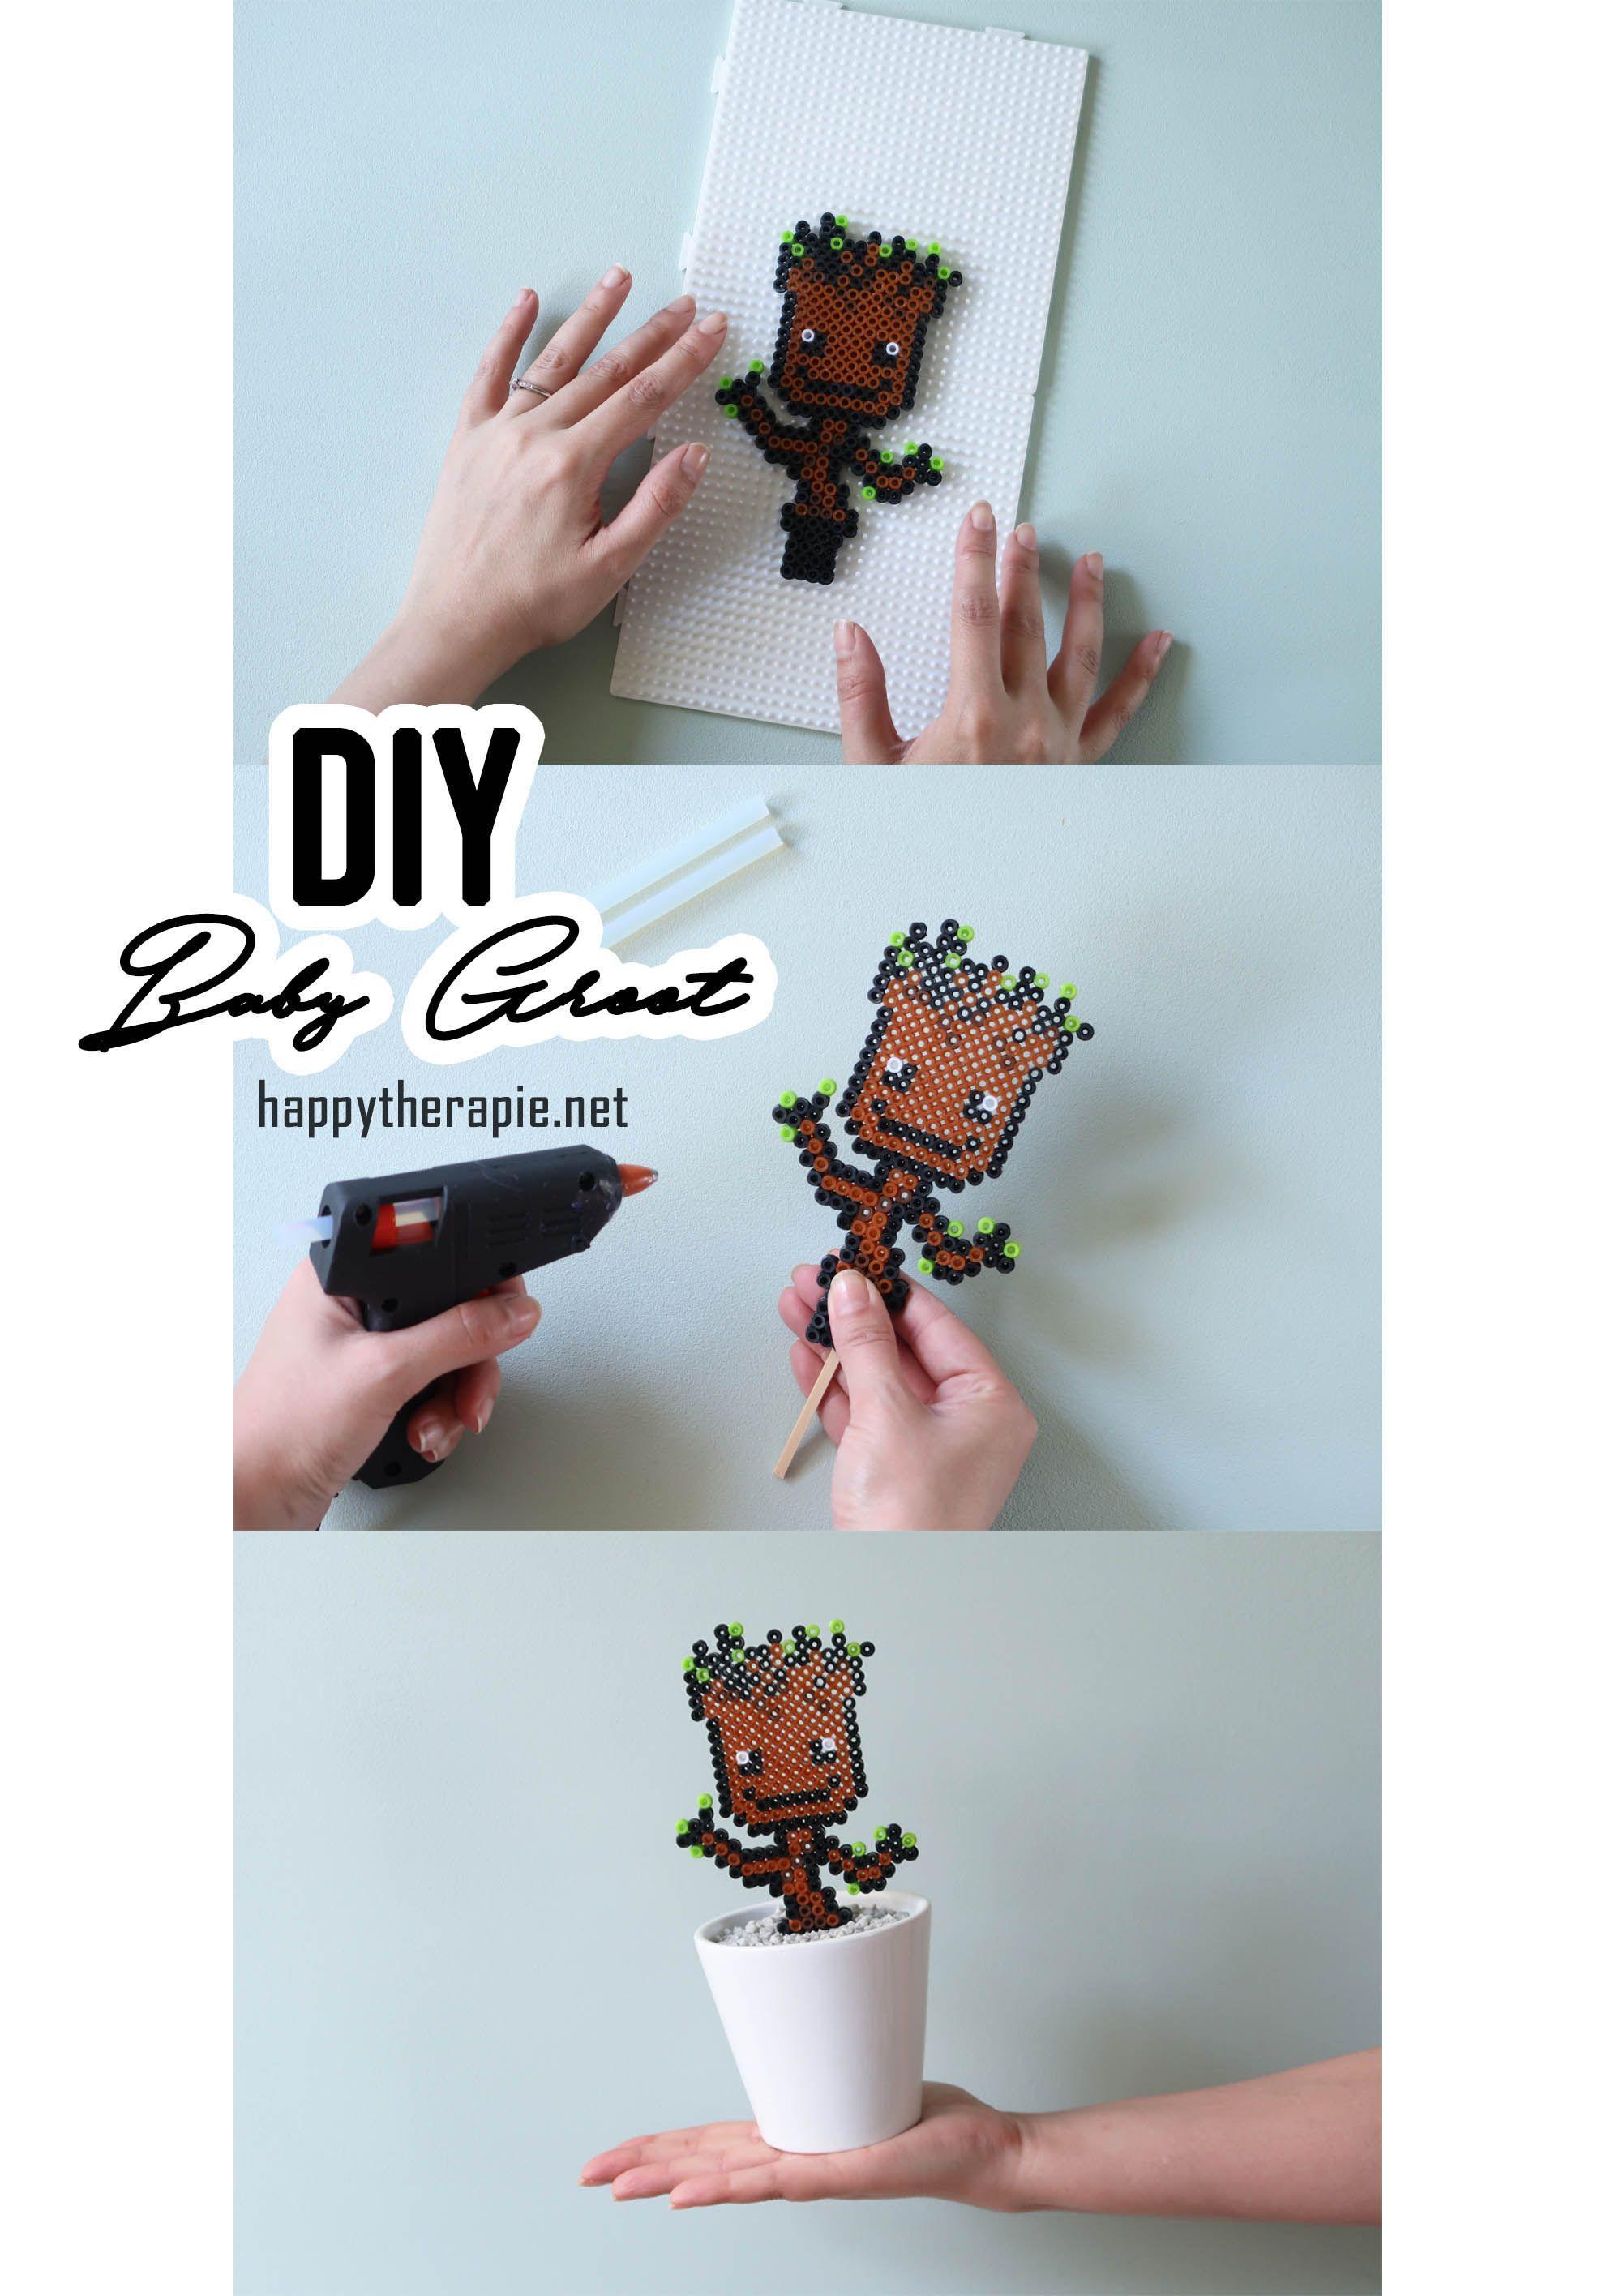 Diy Un Petit Tuto Pour Réaliser Un Pixel Art De Baby Groot